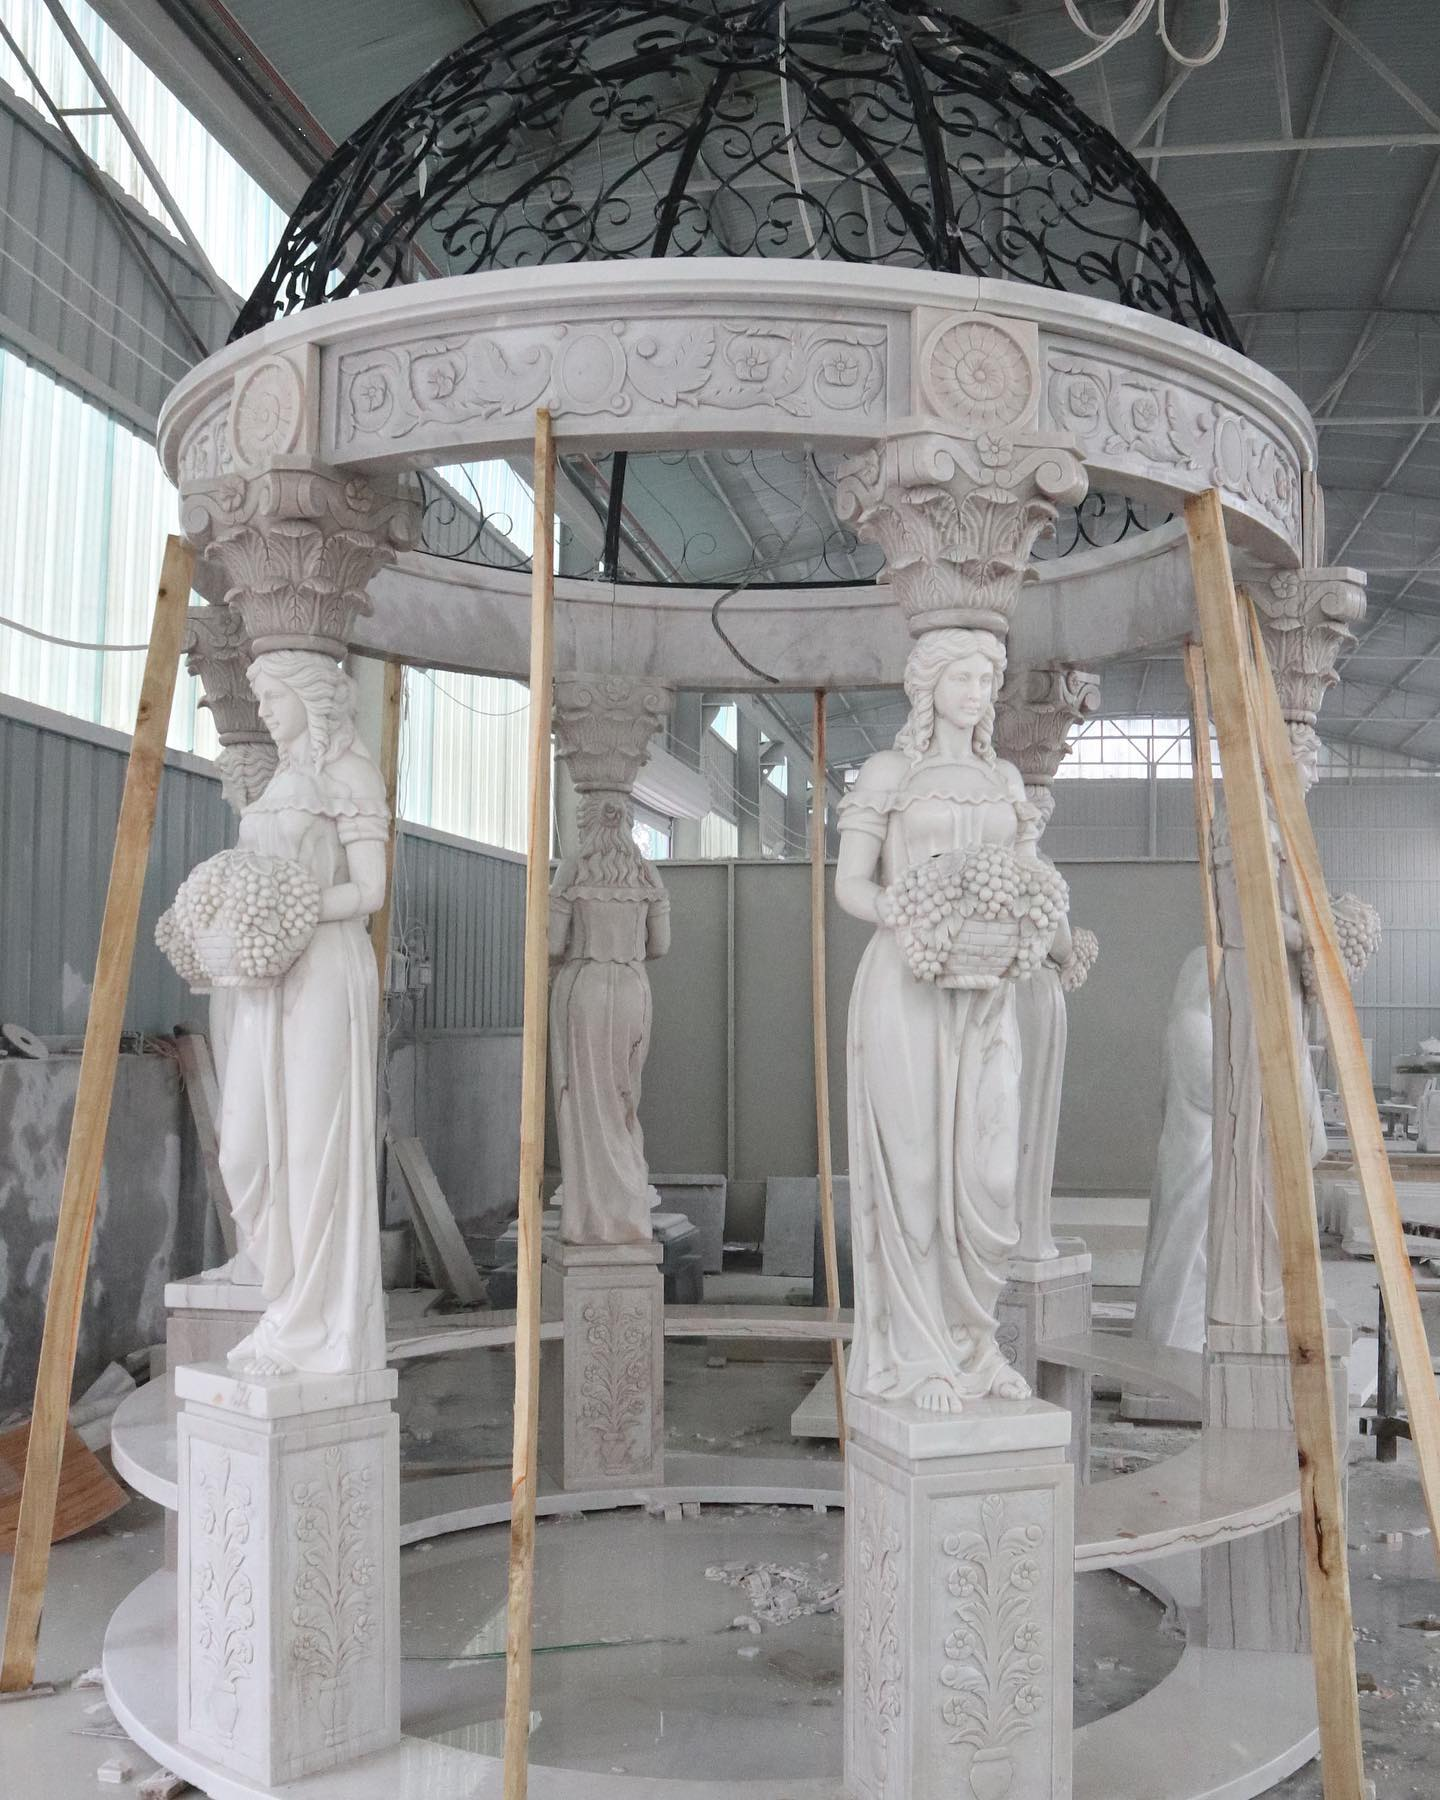 Pavilion sculpture